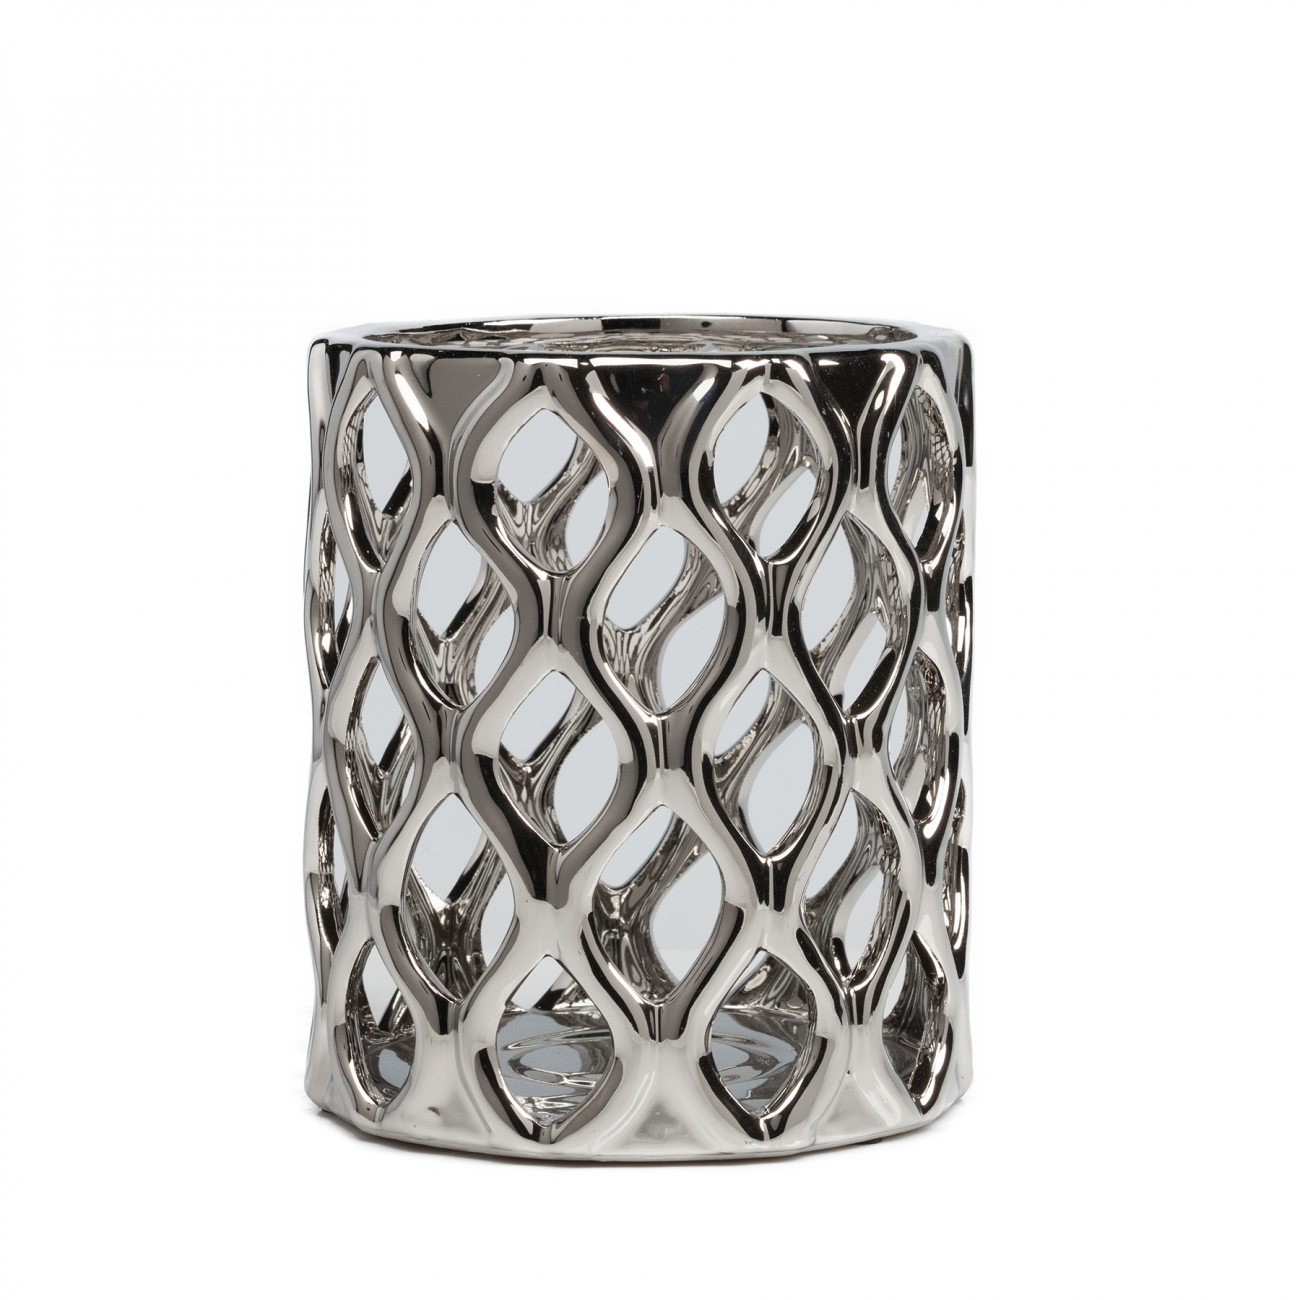 Купить Декоративная ваза Oasis в интернет магазине дизайнерской мебели и аксессуаров для дома и дачи